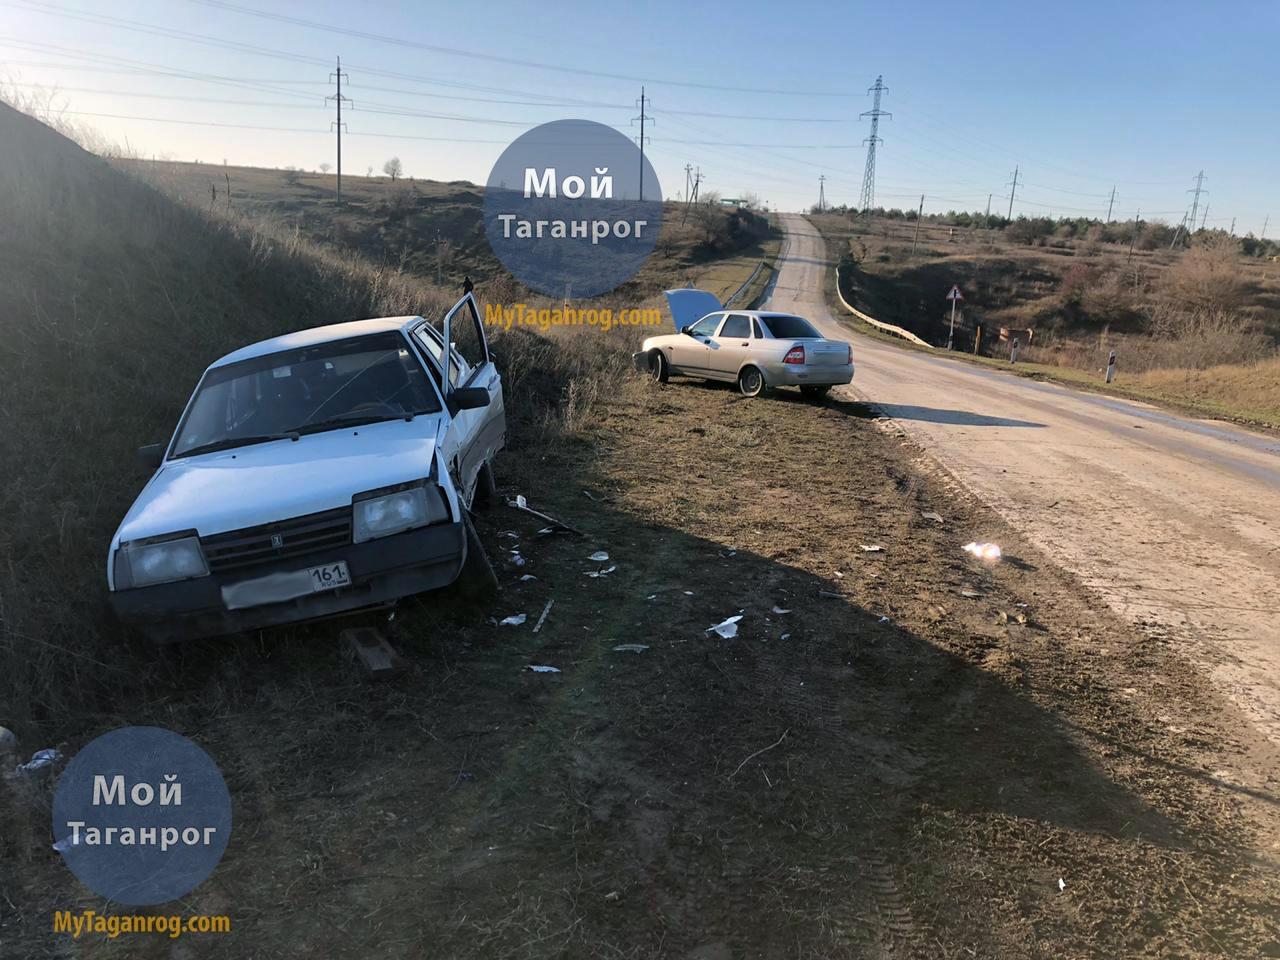 Под Таганрогом водитель «Приоры» врезался в стоящий на противоположной обочине «ВАЗ-21099», один пострадавший